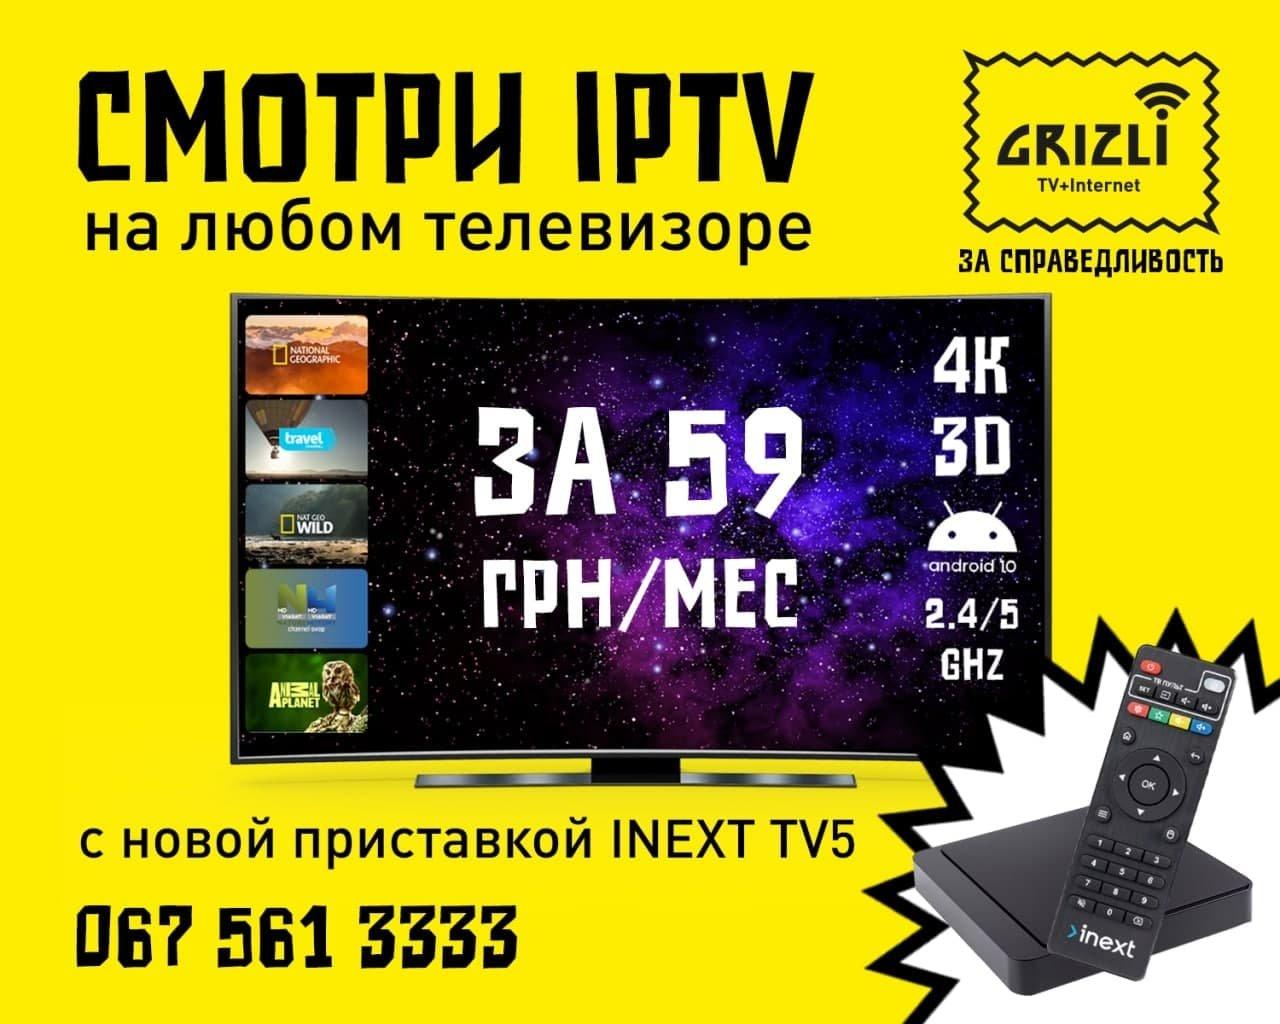 Smart TV можно получить за 59 грн!, фото-1